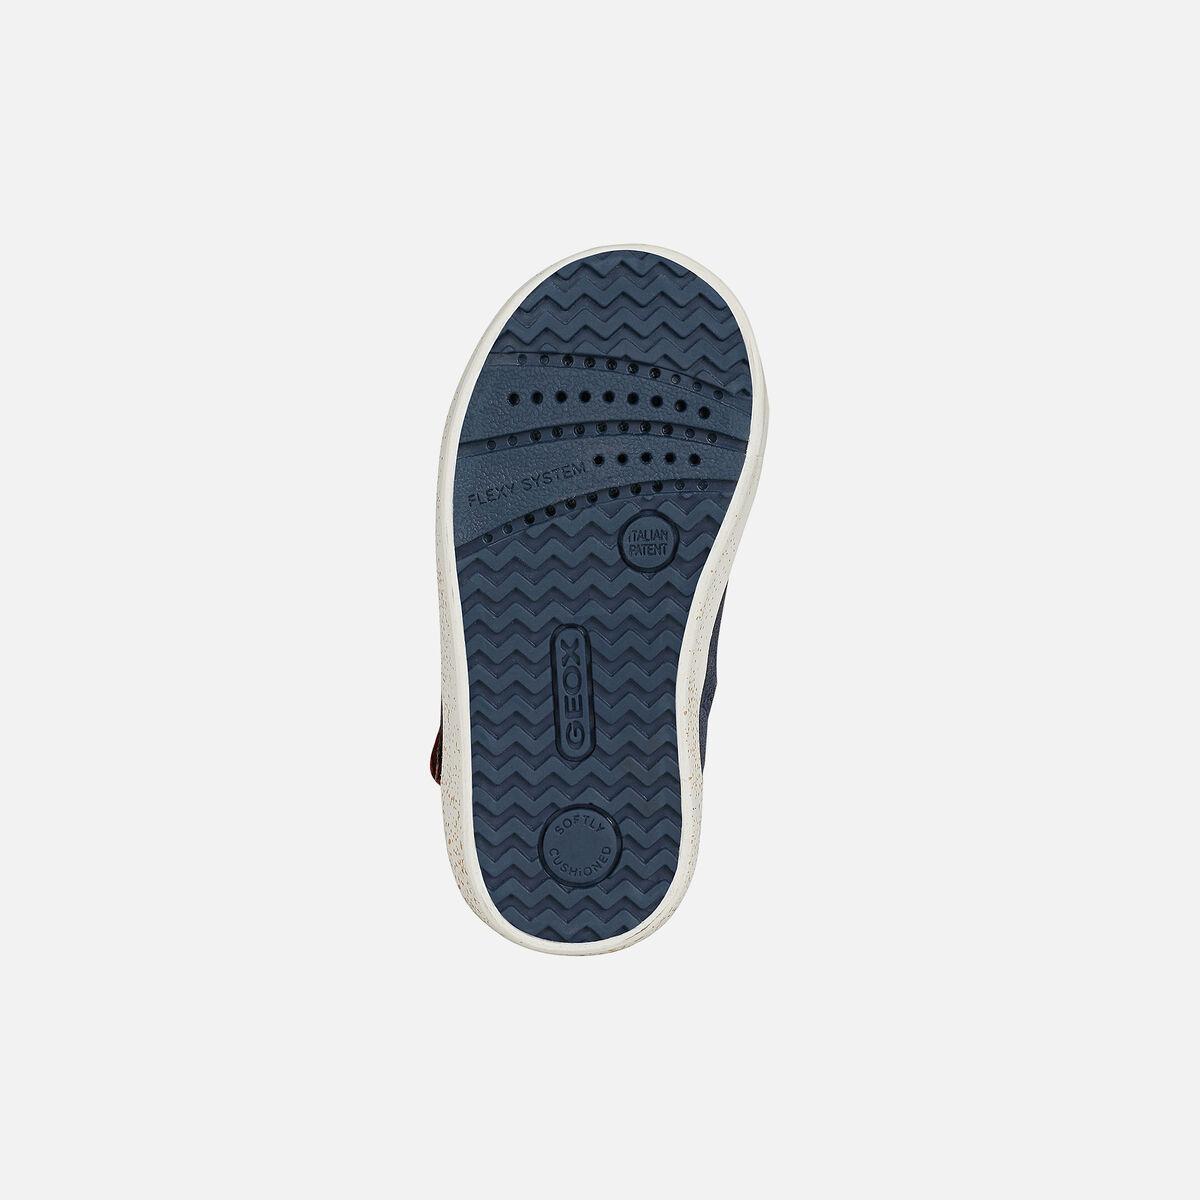 Κορίτσι μποτάκι Sneaker μπλέ Geox Β16D5C 022ΗΙ C4021